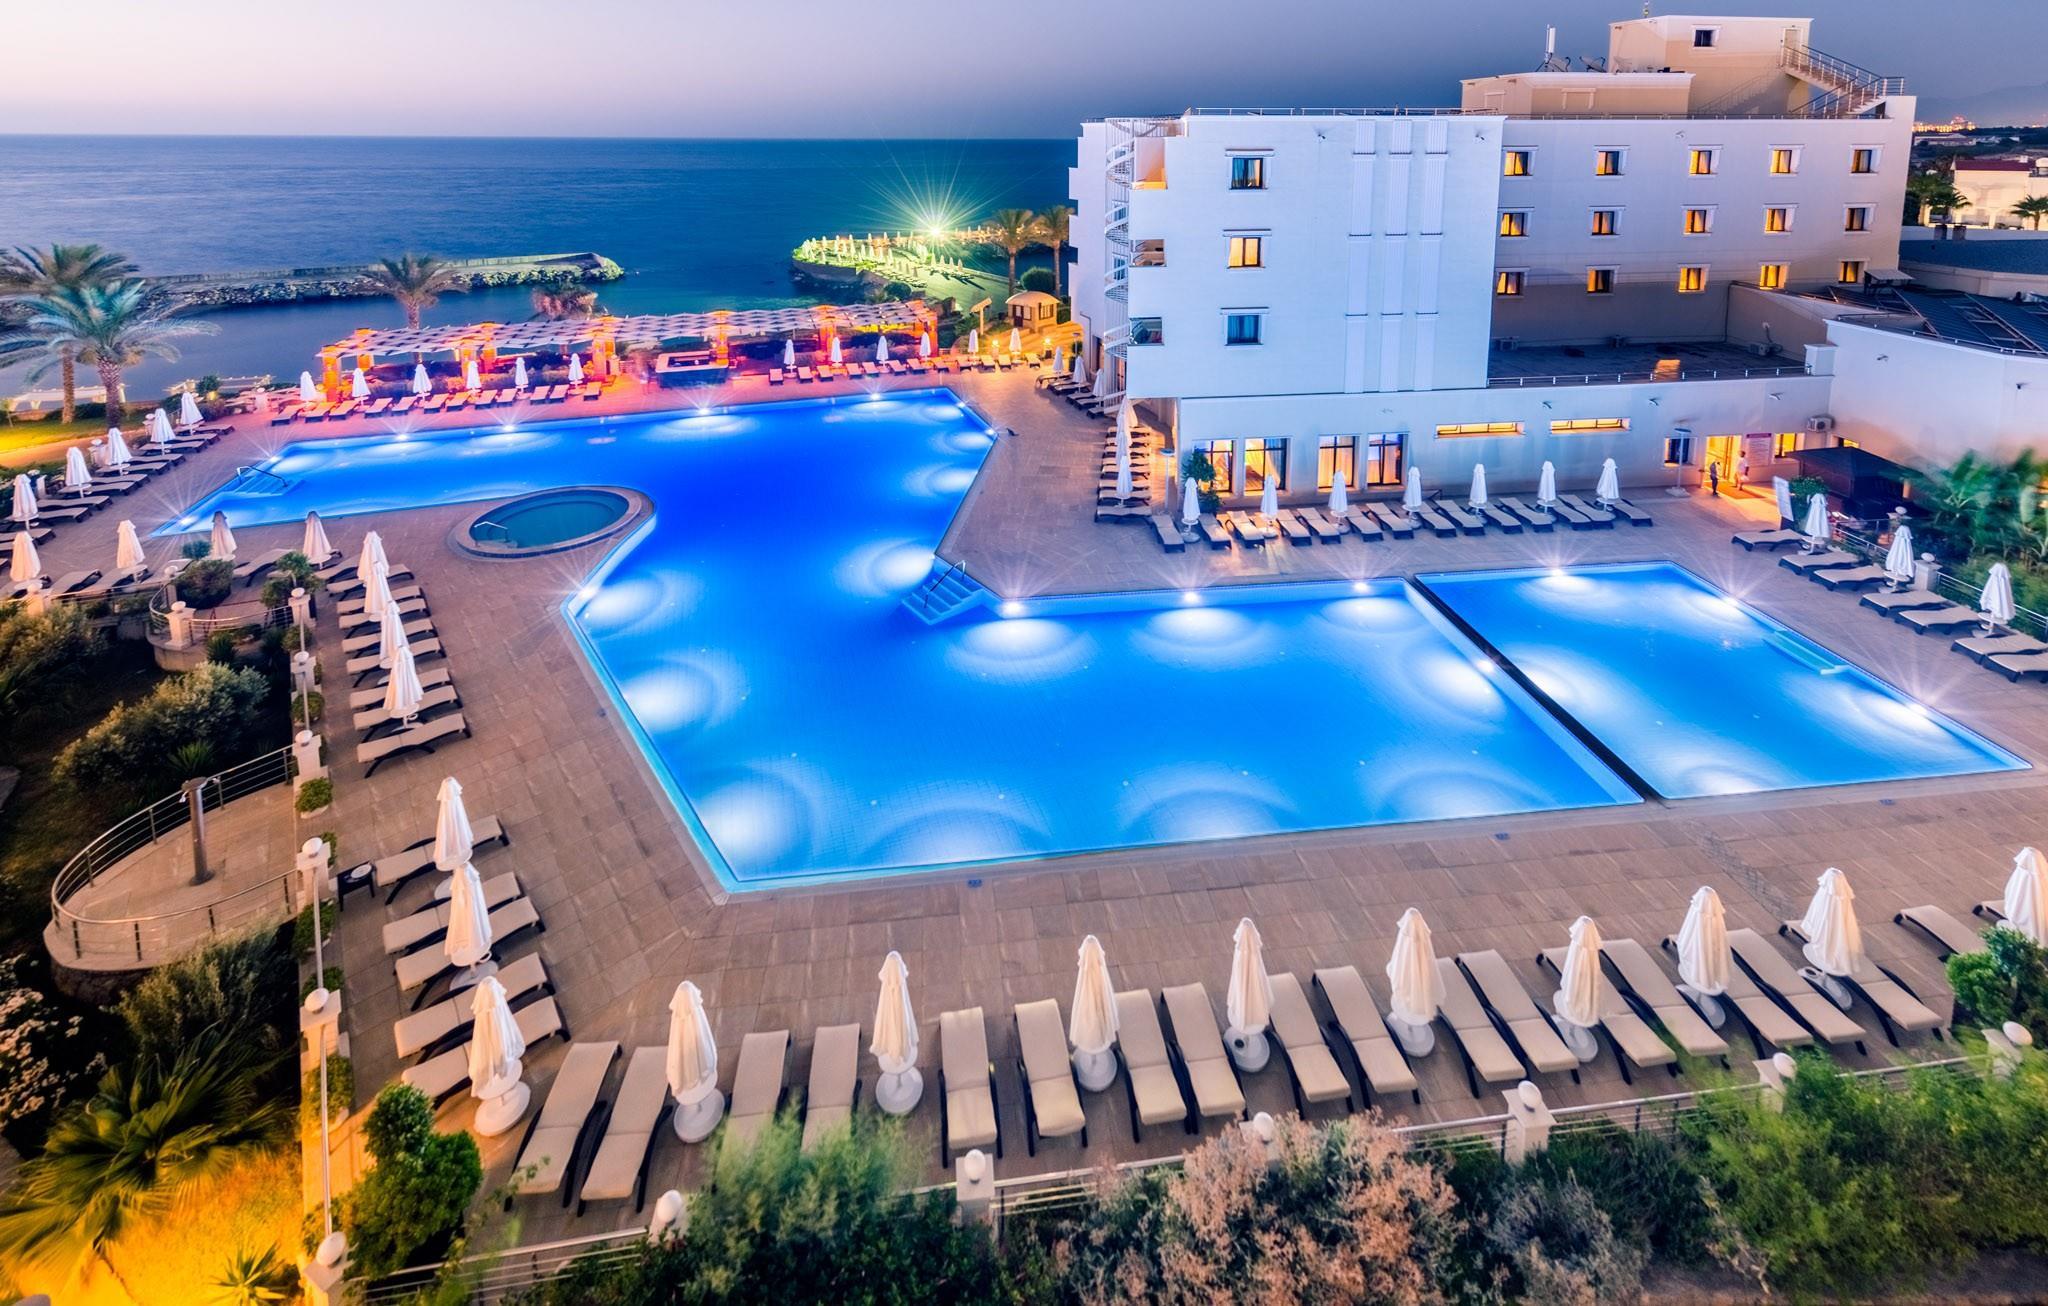 Vuni Palace Hotel205189